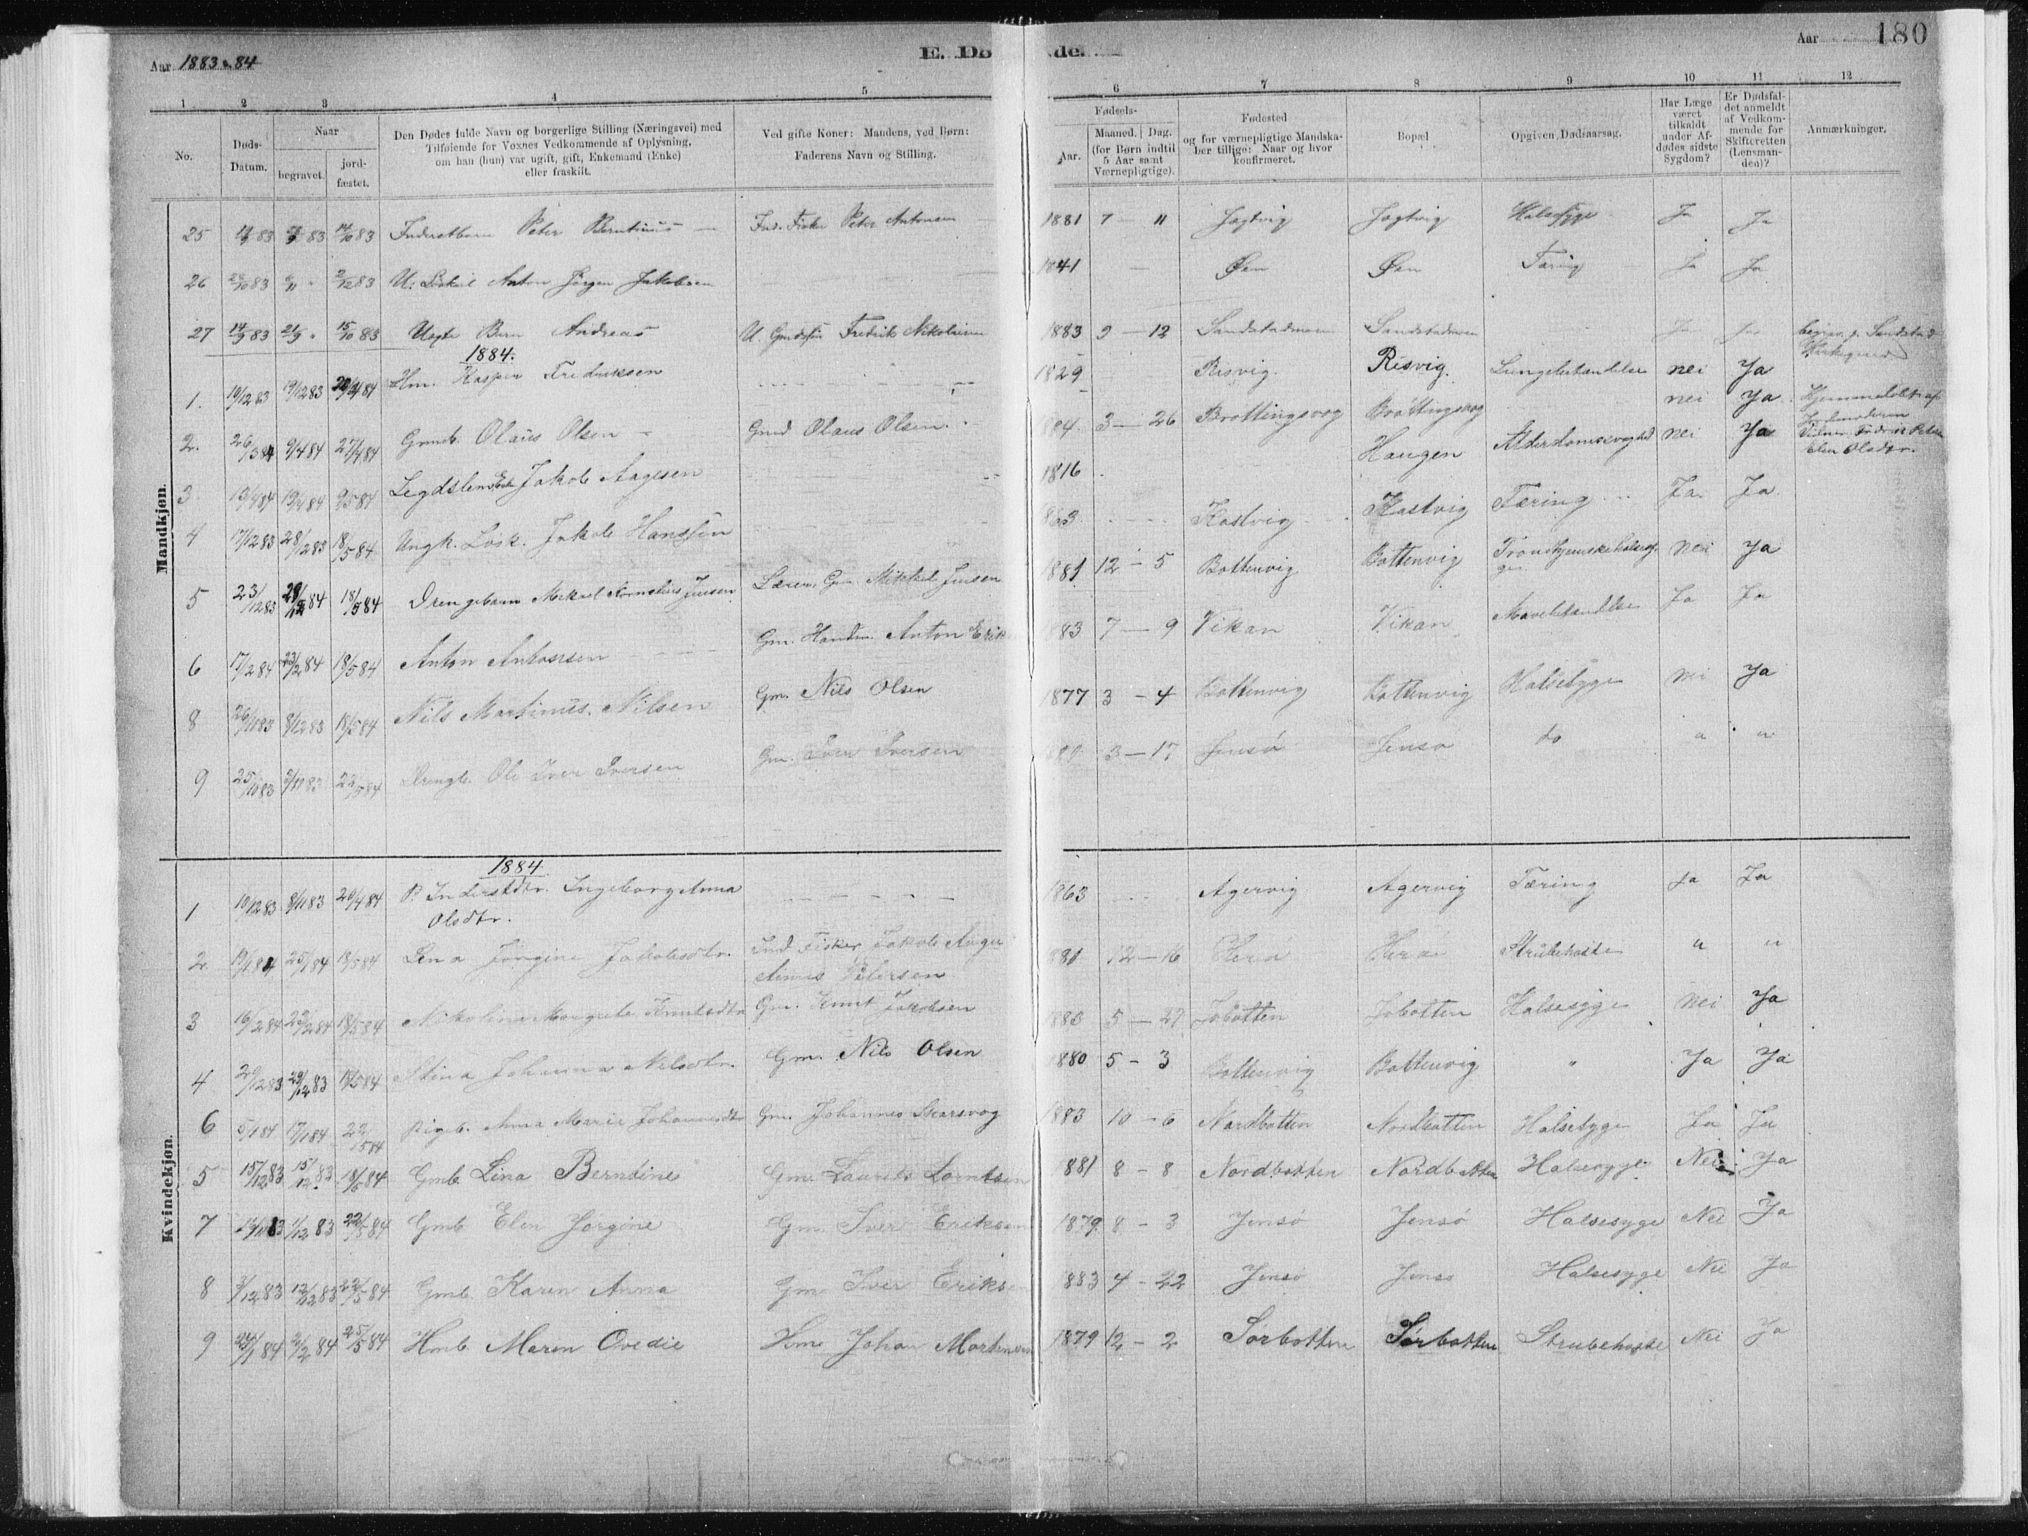 SAT, Ministerialprotokoller, klokkerbøker og fødselsregistre - Sør-Trøndelag, 637/L0558: Ministerialbok nr. 637A01, 1882-1899, s. 180